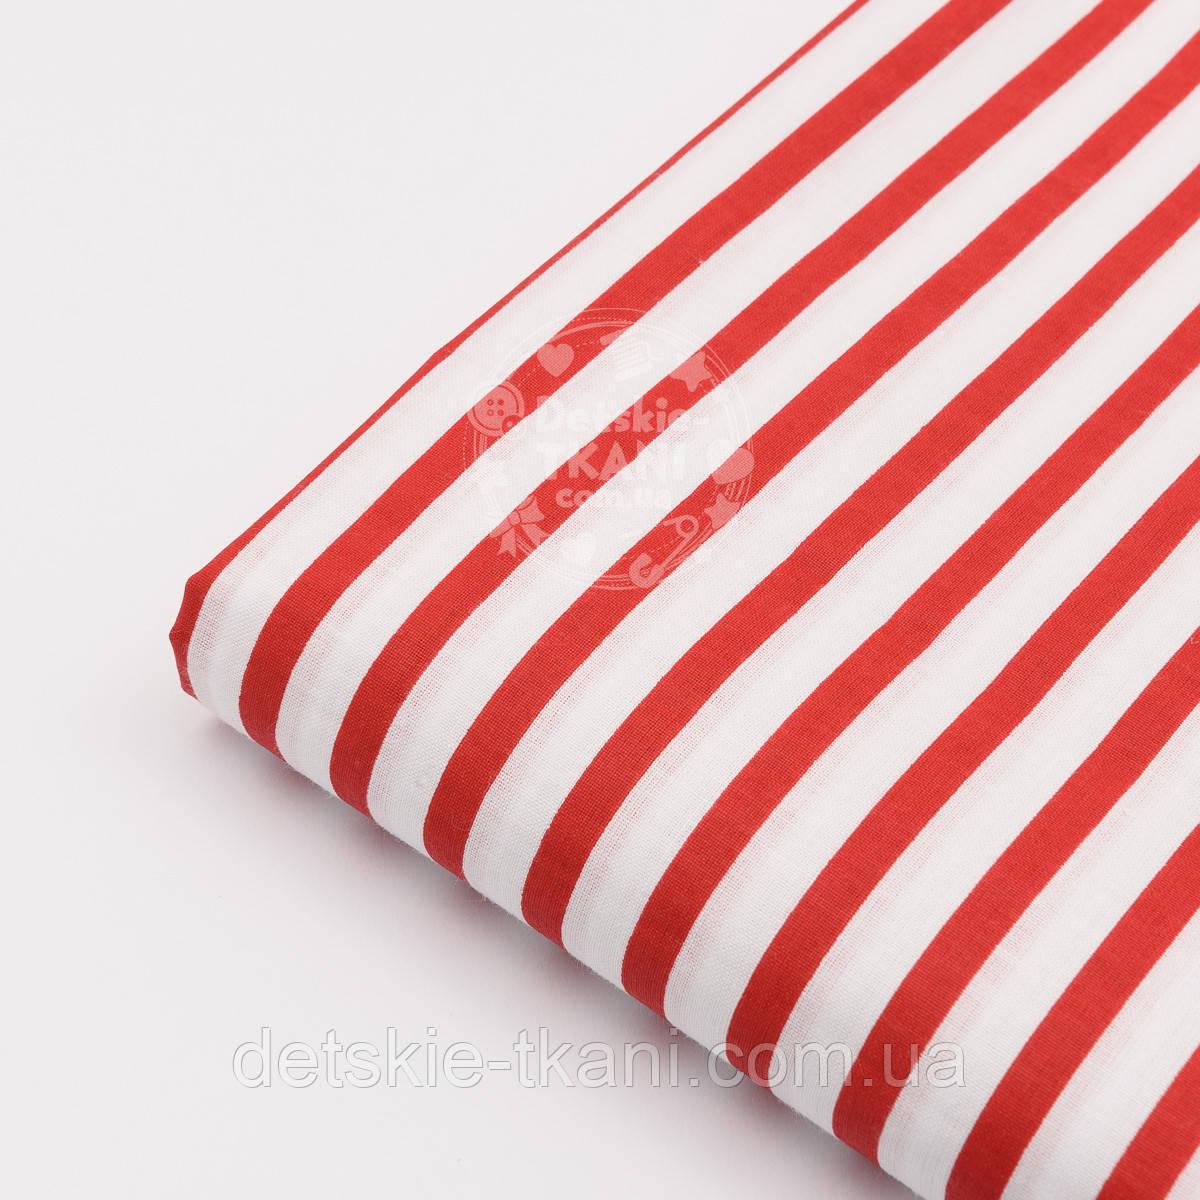 Лоскут ткани №136 бязь с крупной красной полоской, размер 79*50